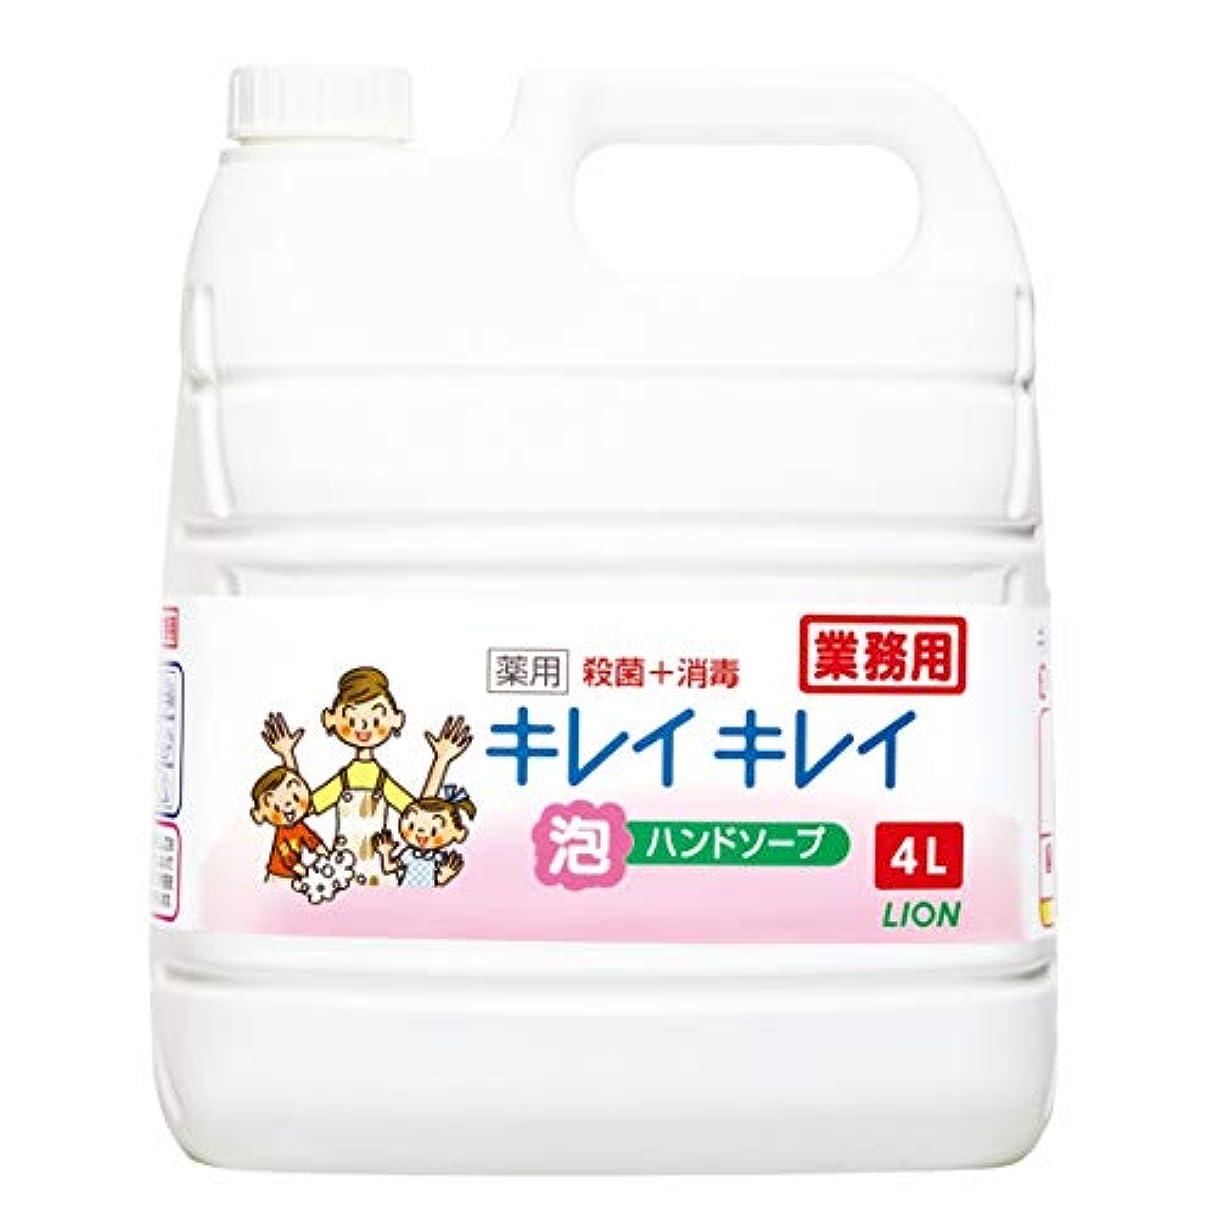 決めますパーティションメルボルン【業務用 大容量】キレイキレイ 薬用 泡ハンドソープ シトラスフルーティの香り 液体 単品 4L(医薬部外品)